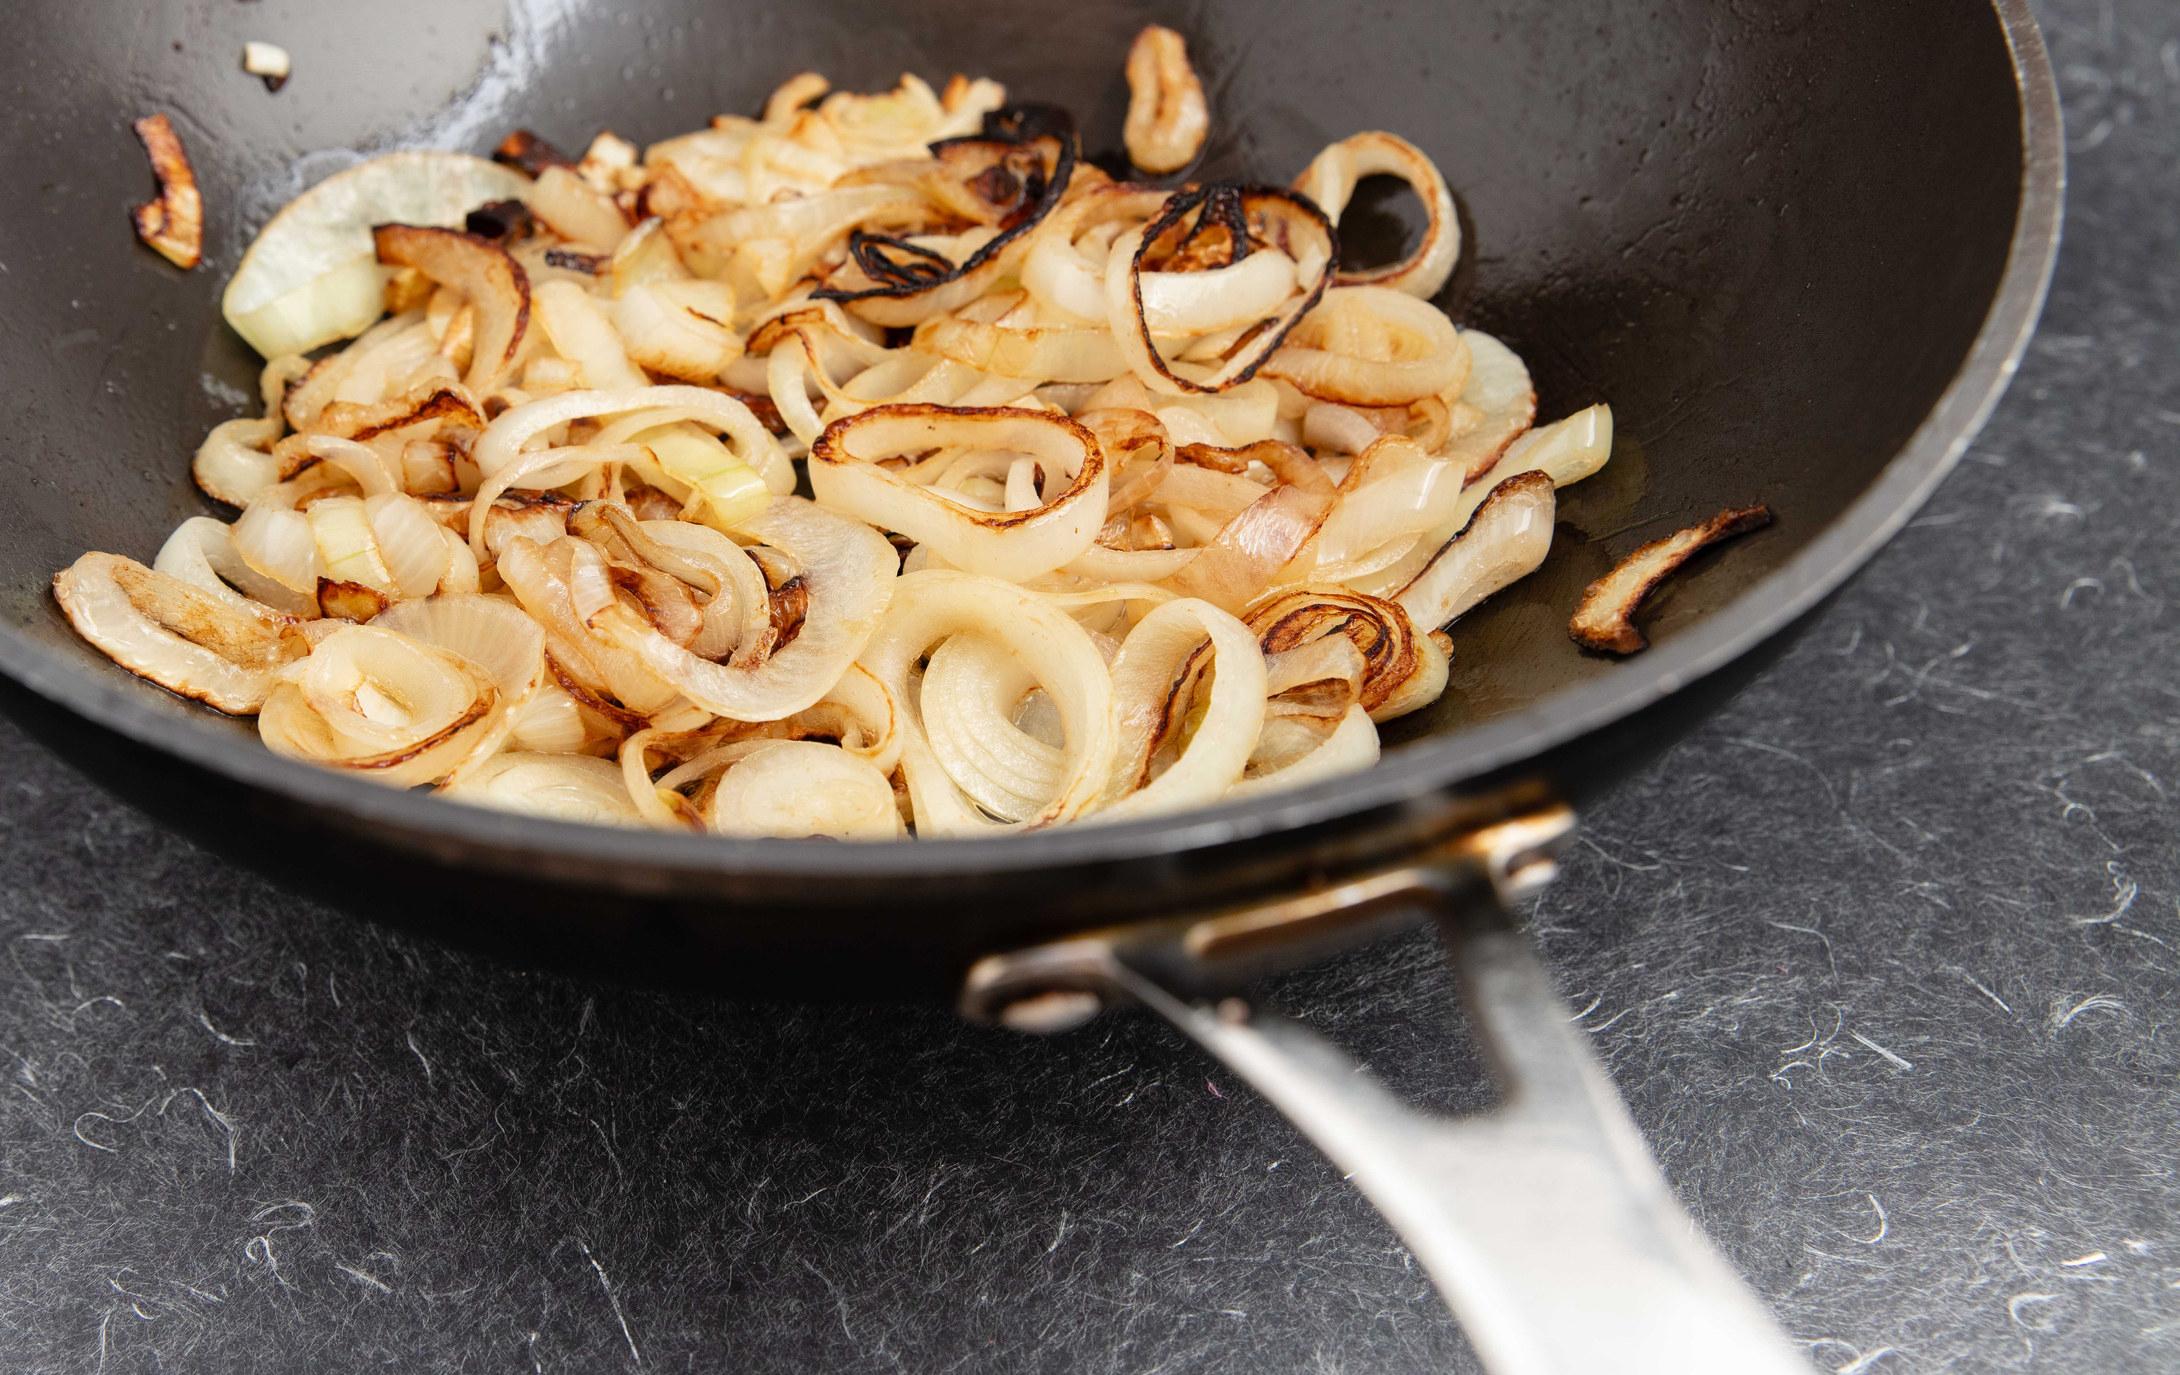 Onion sautéeing in a pan.